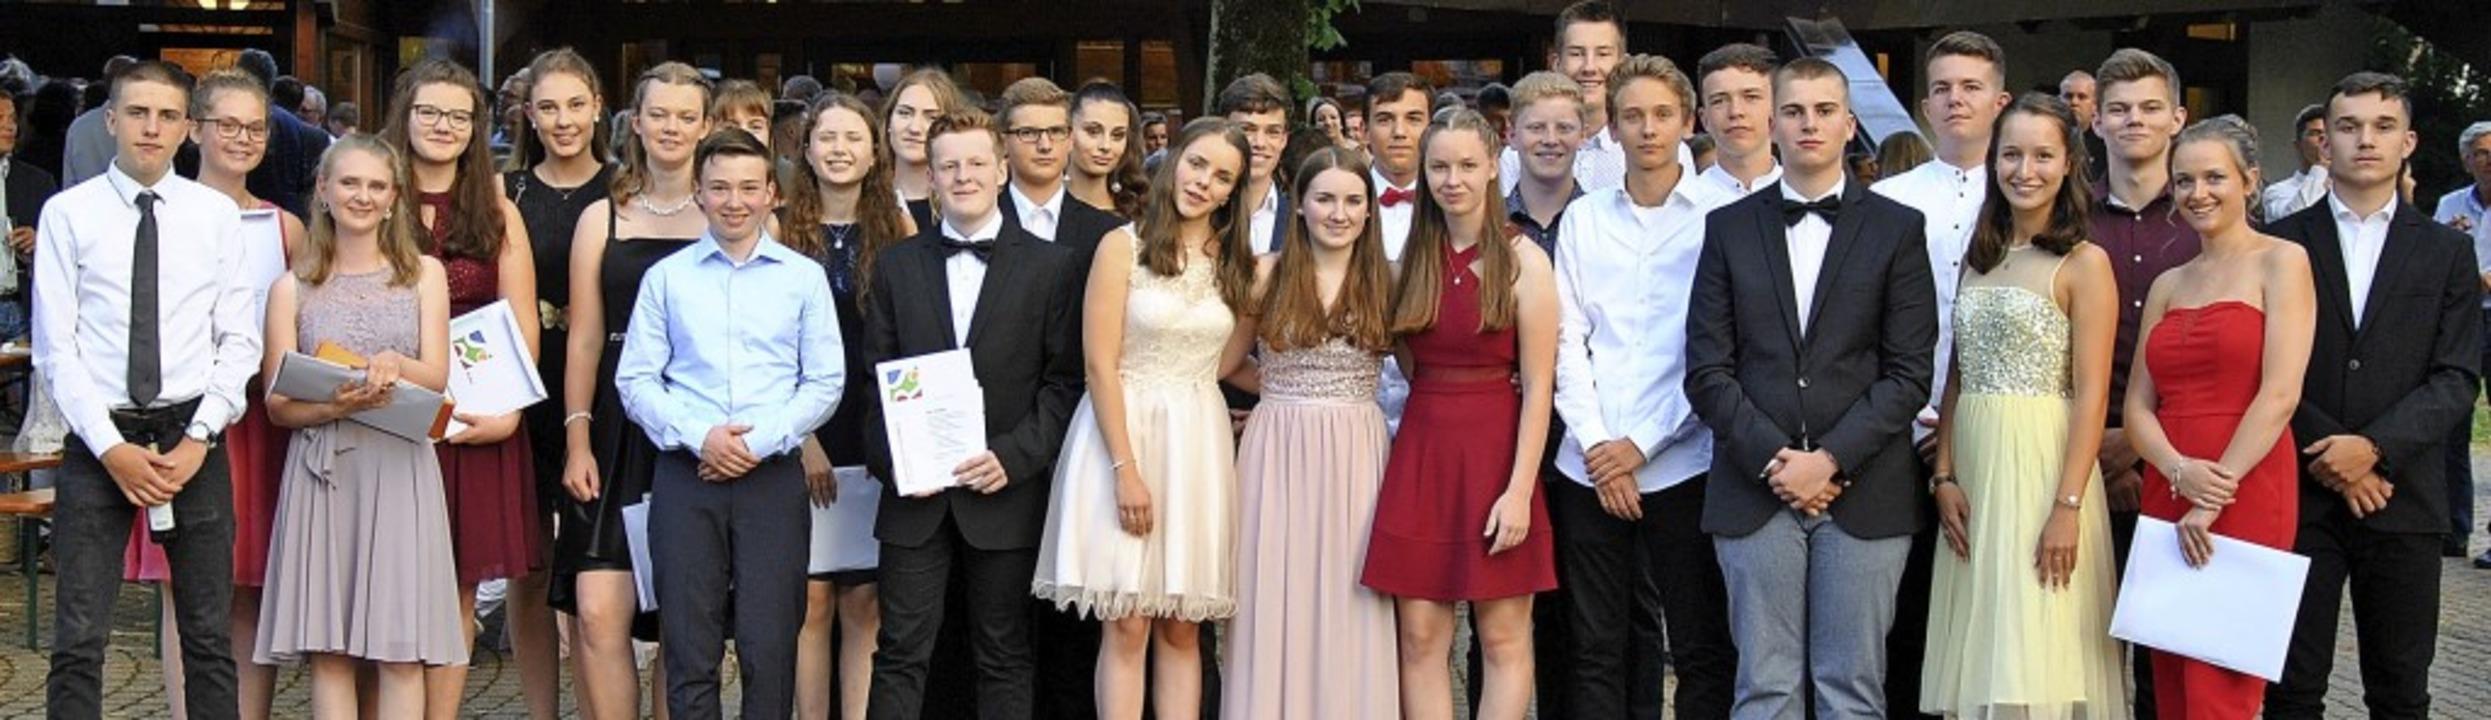 31 Preise gab es an die Schüler der vier Abschlussklassen zu verteilen.   | Foto: Ralph Fautz